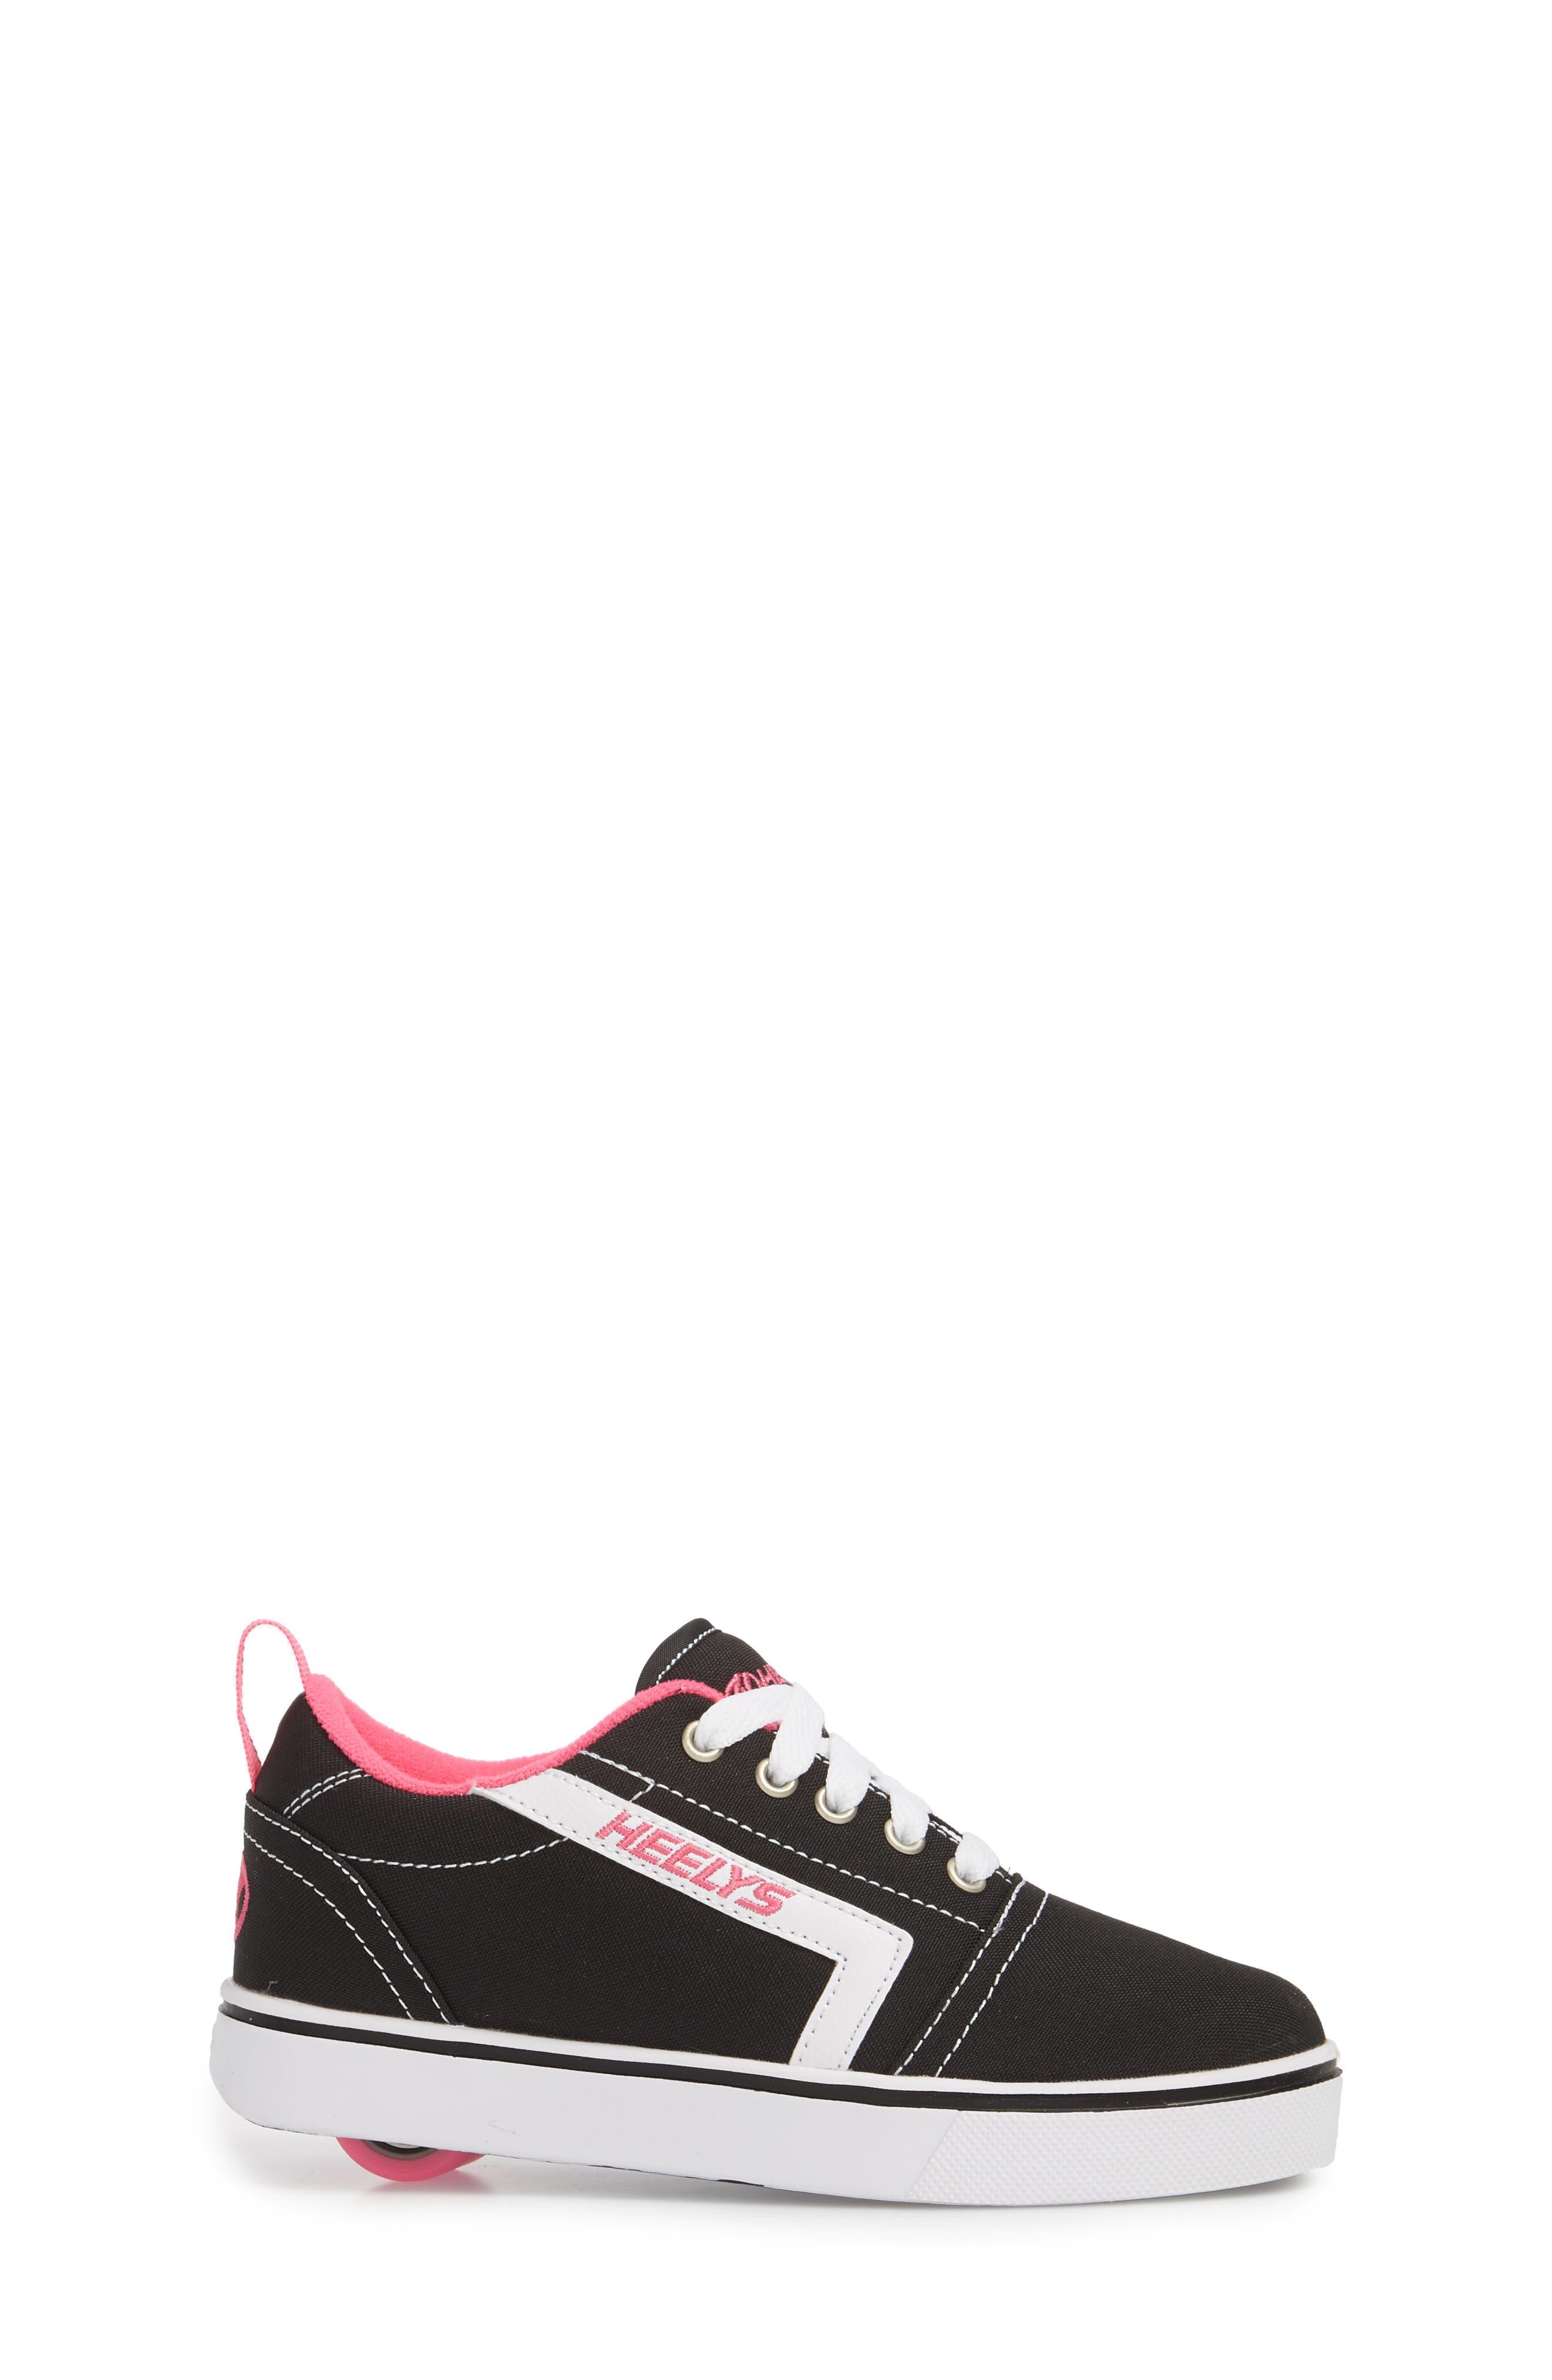 GR8 Pro Wheeled Sneaker,                             Alternate thumbnail 3, color,                             002